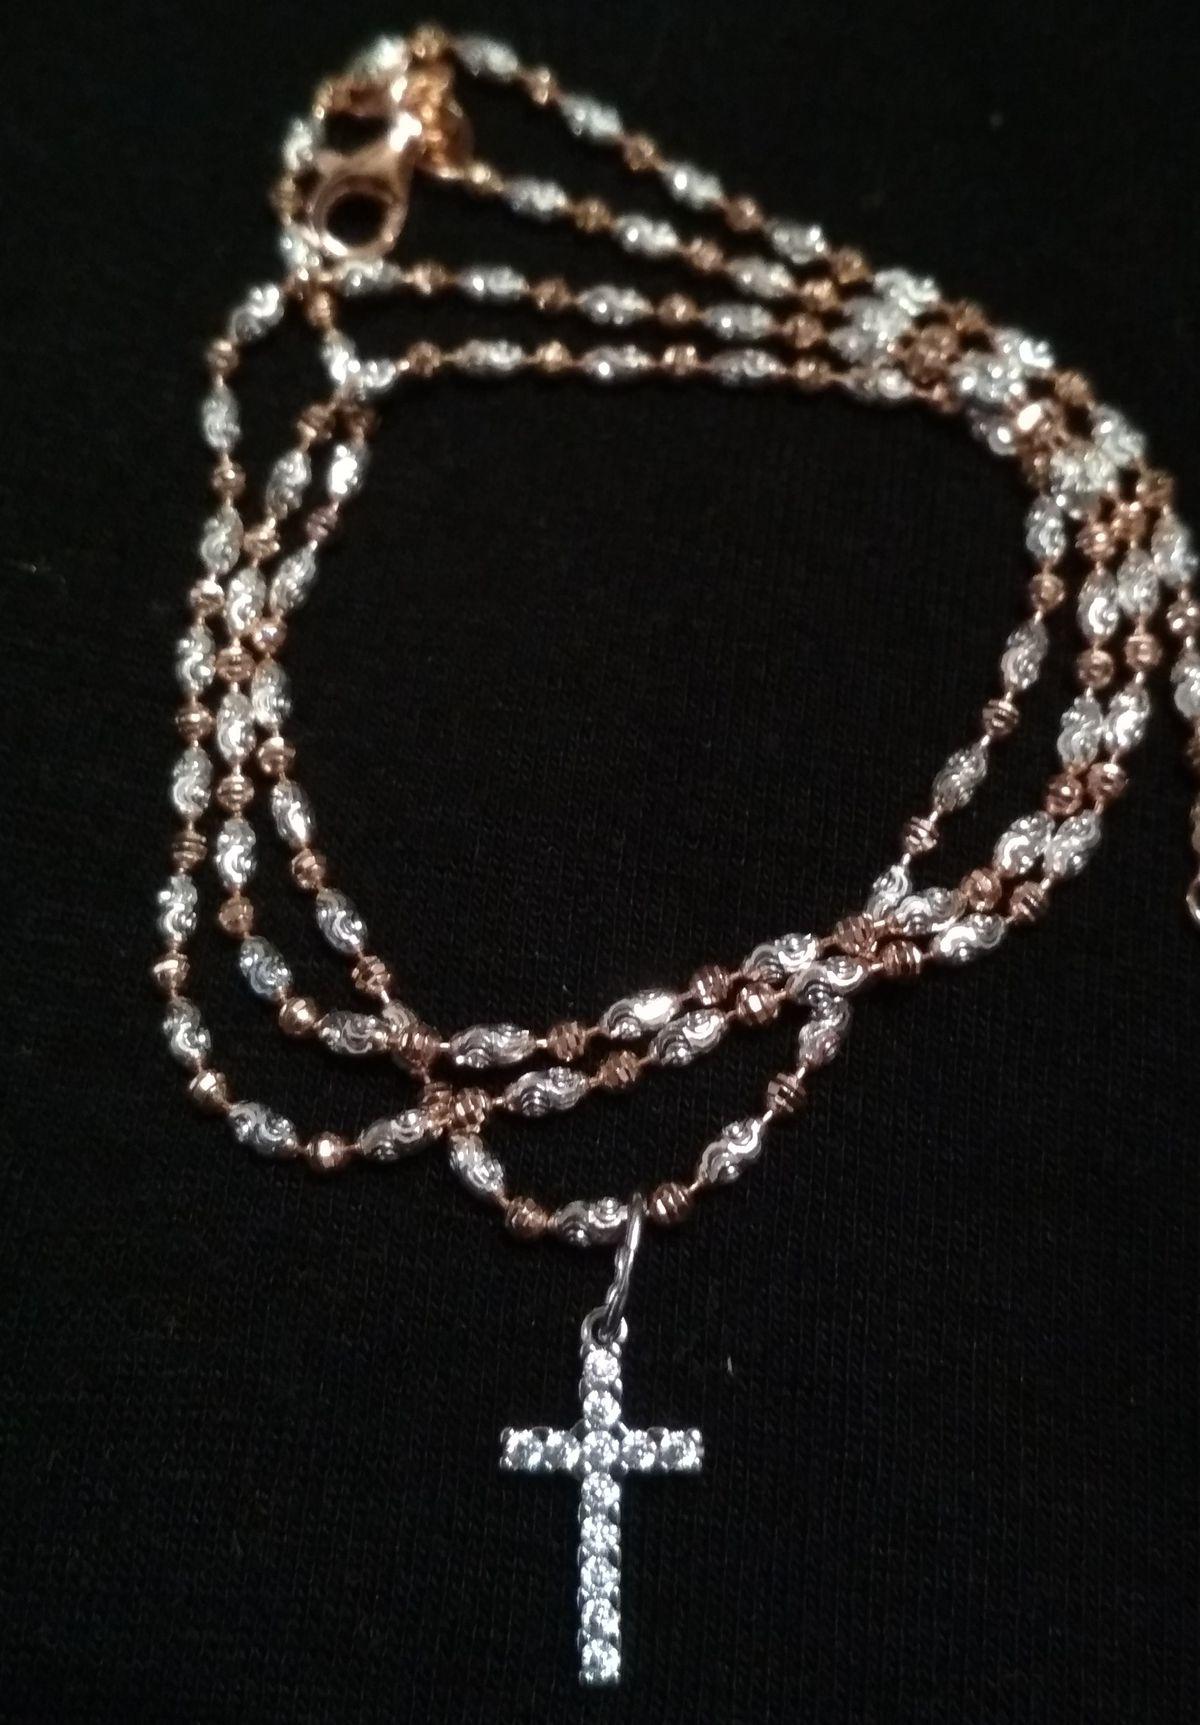 Цепочка с серебряными и позолоченными бусинами с алмазной огранкой.